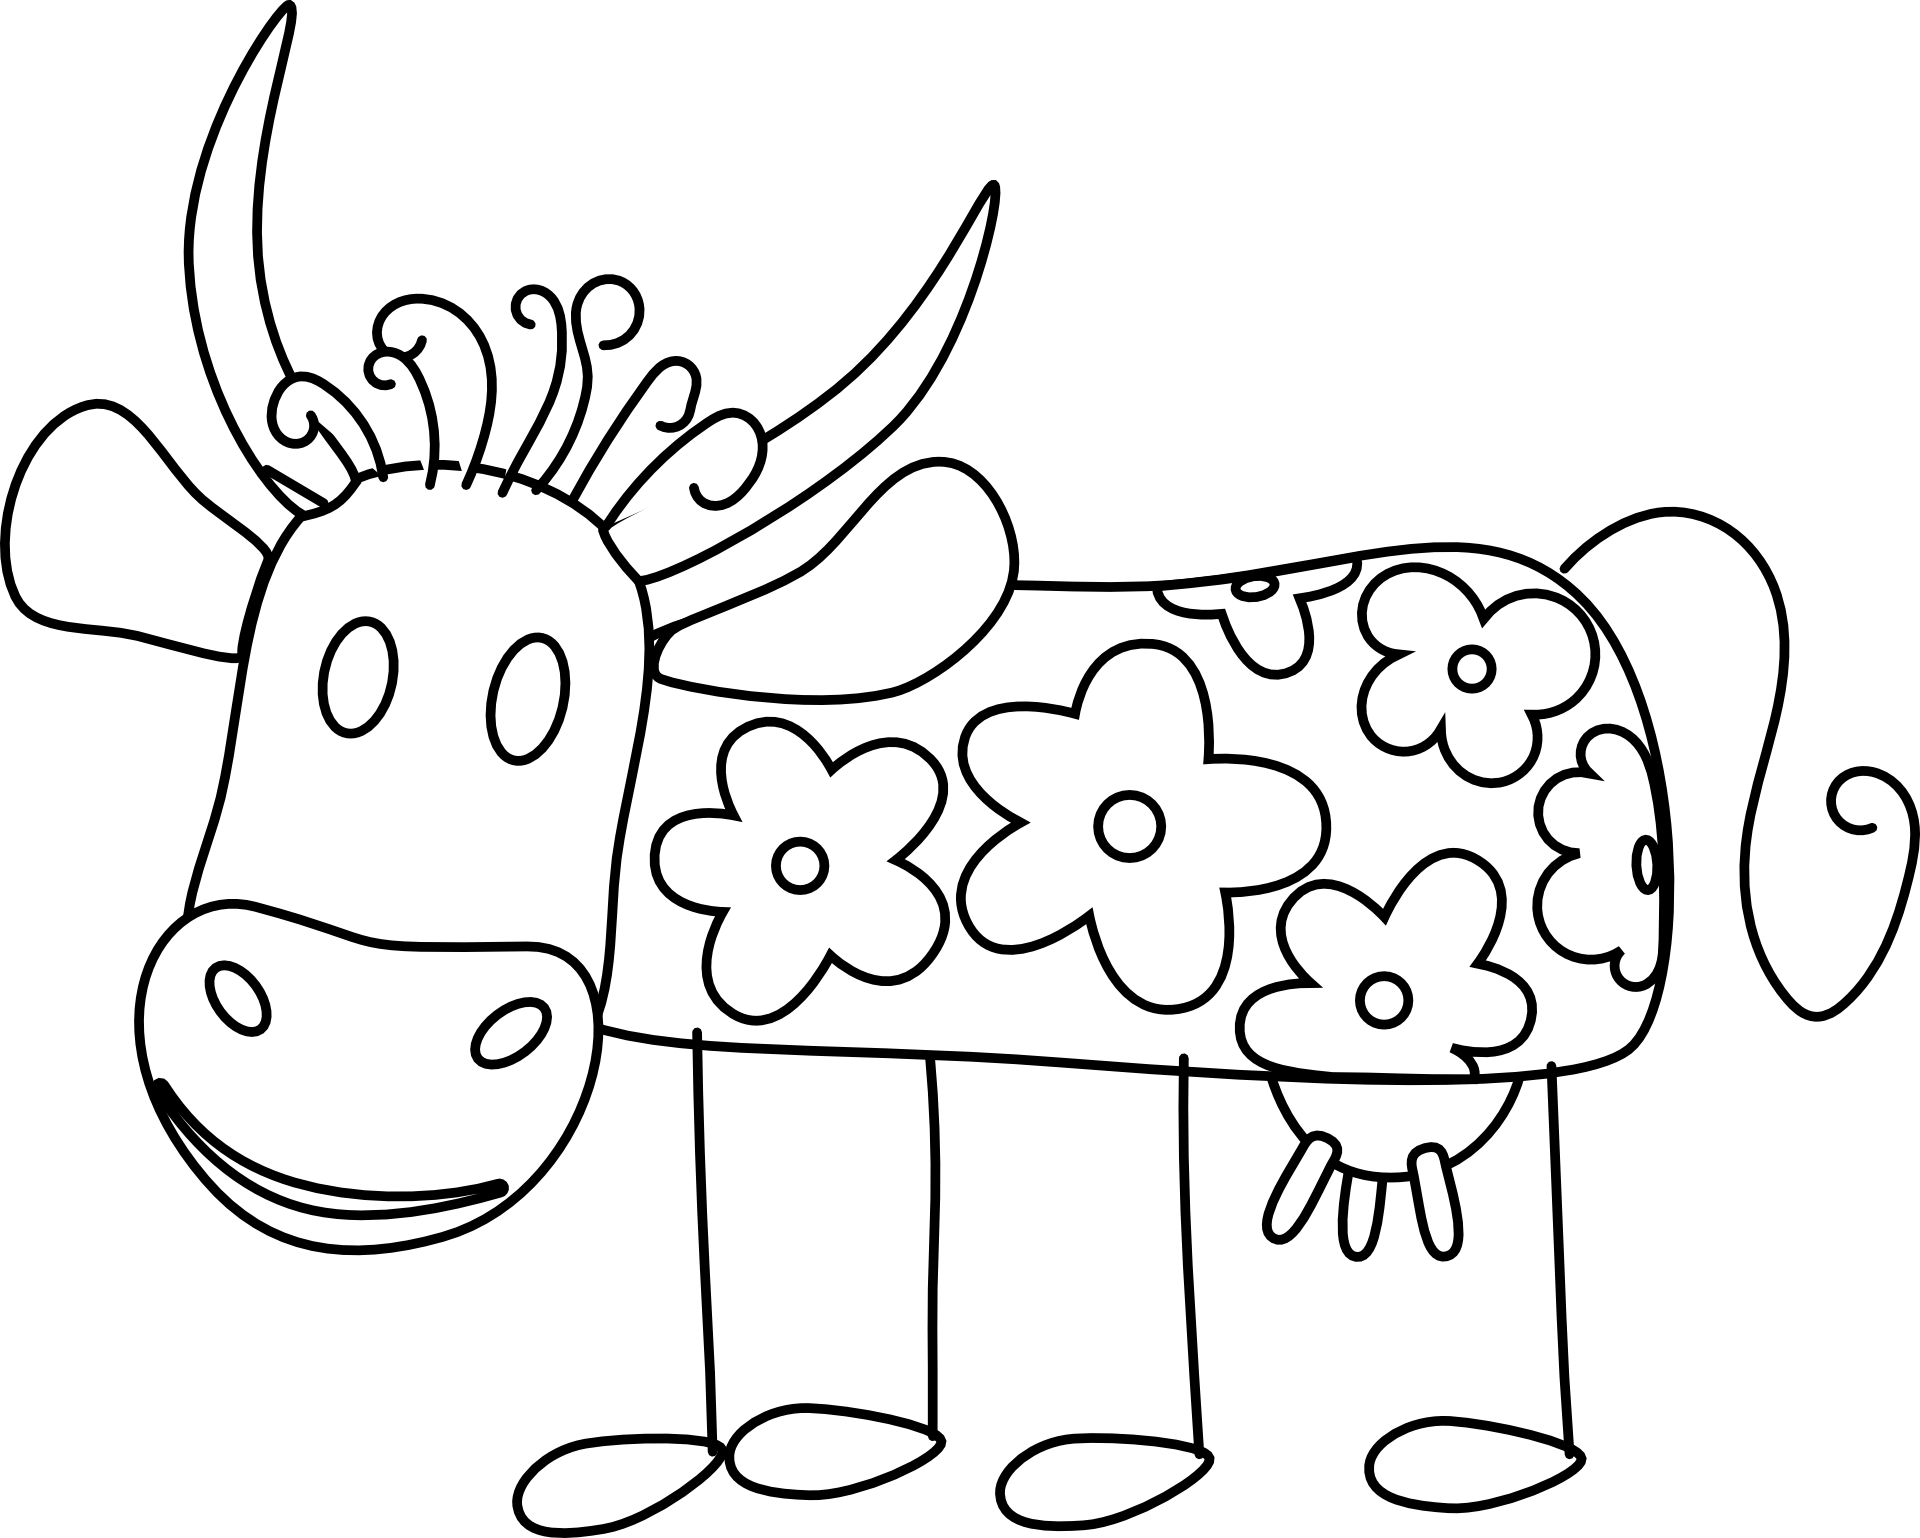 Kühe kennenlernen  Informationen und Malvorlagen für Kinder ✓